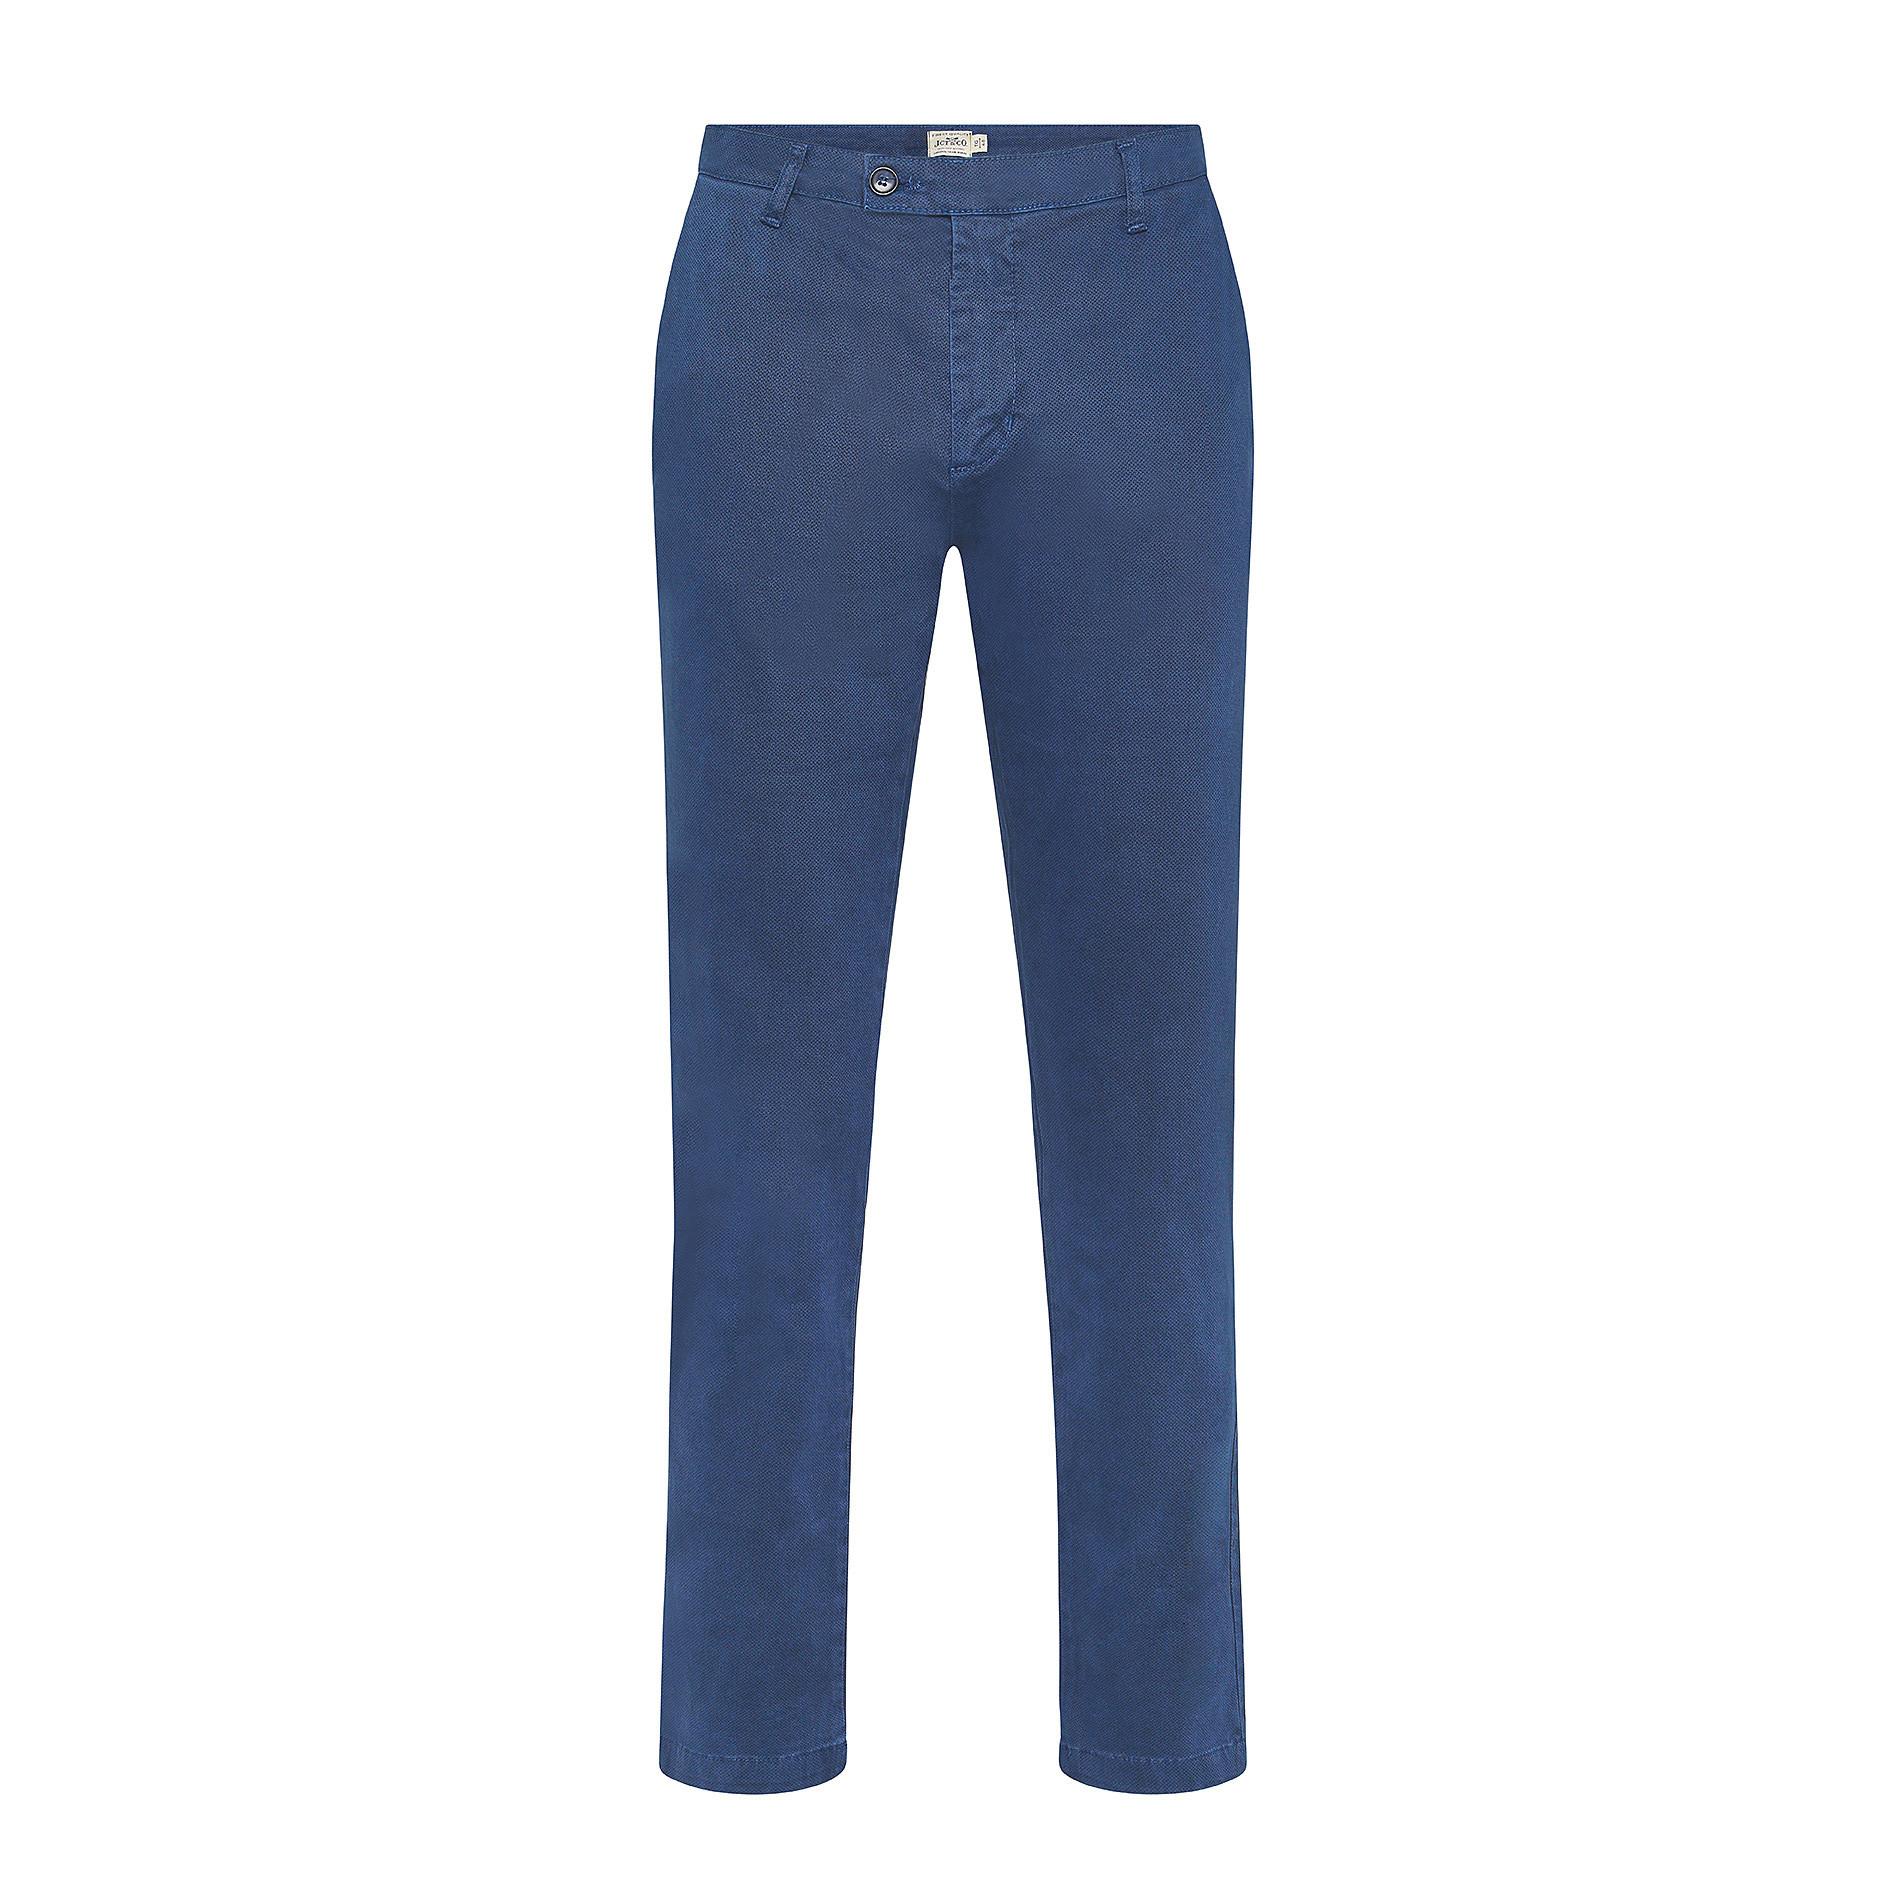 Pantalone chino cotone stretch JCT, Blu, large image number 0